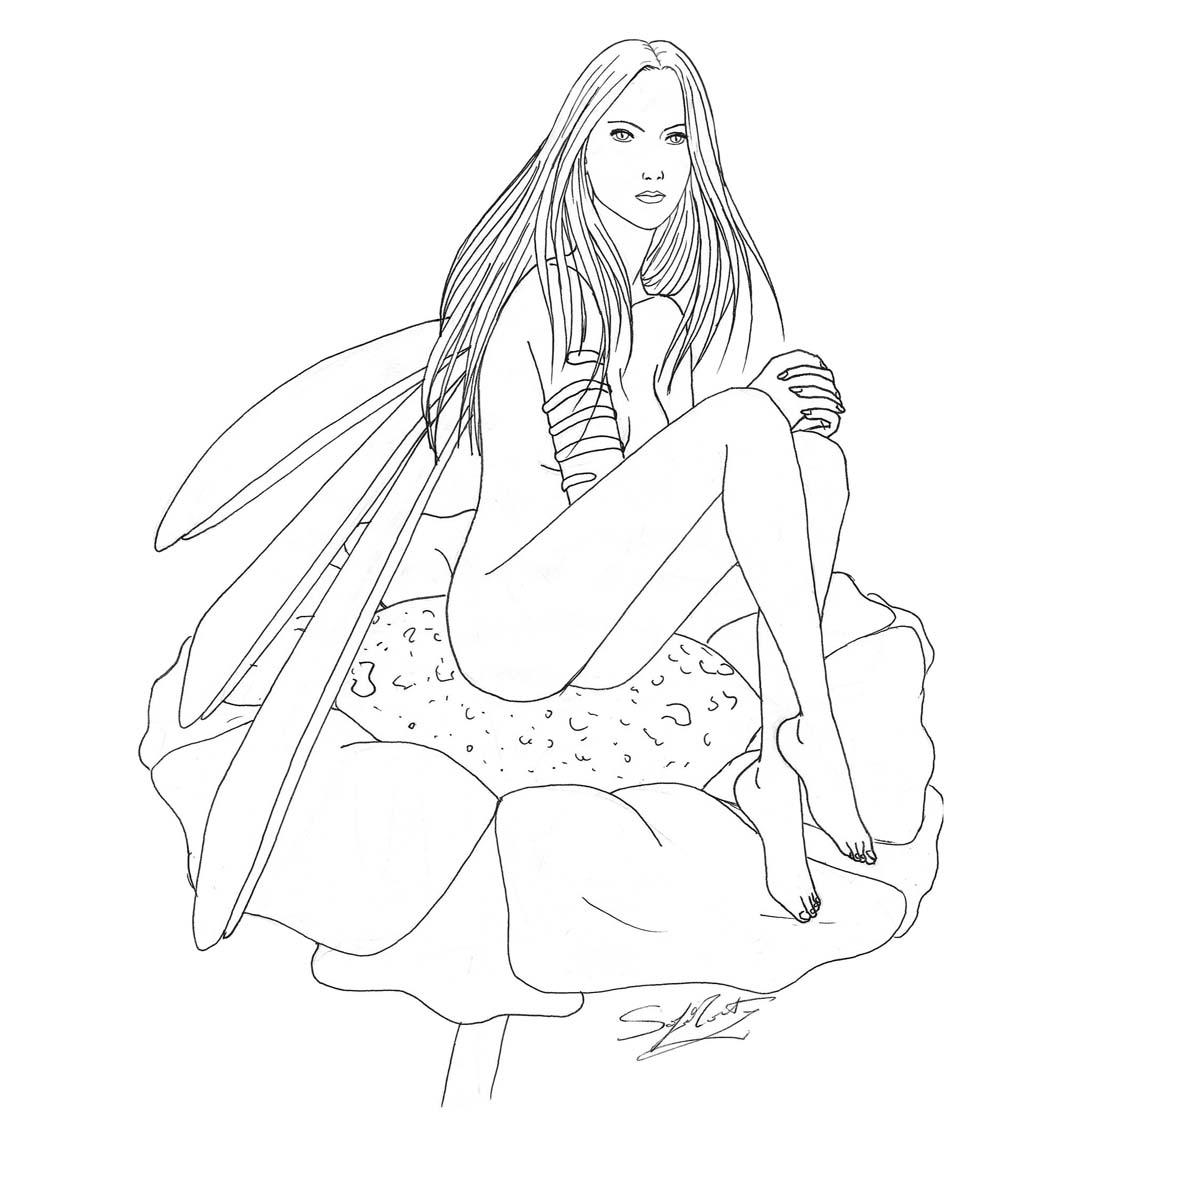 Disegni da colorare e stampare fate timazighin - Barbie colorazione pagine libero ...